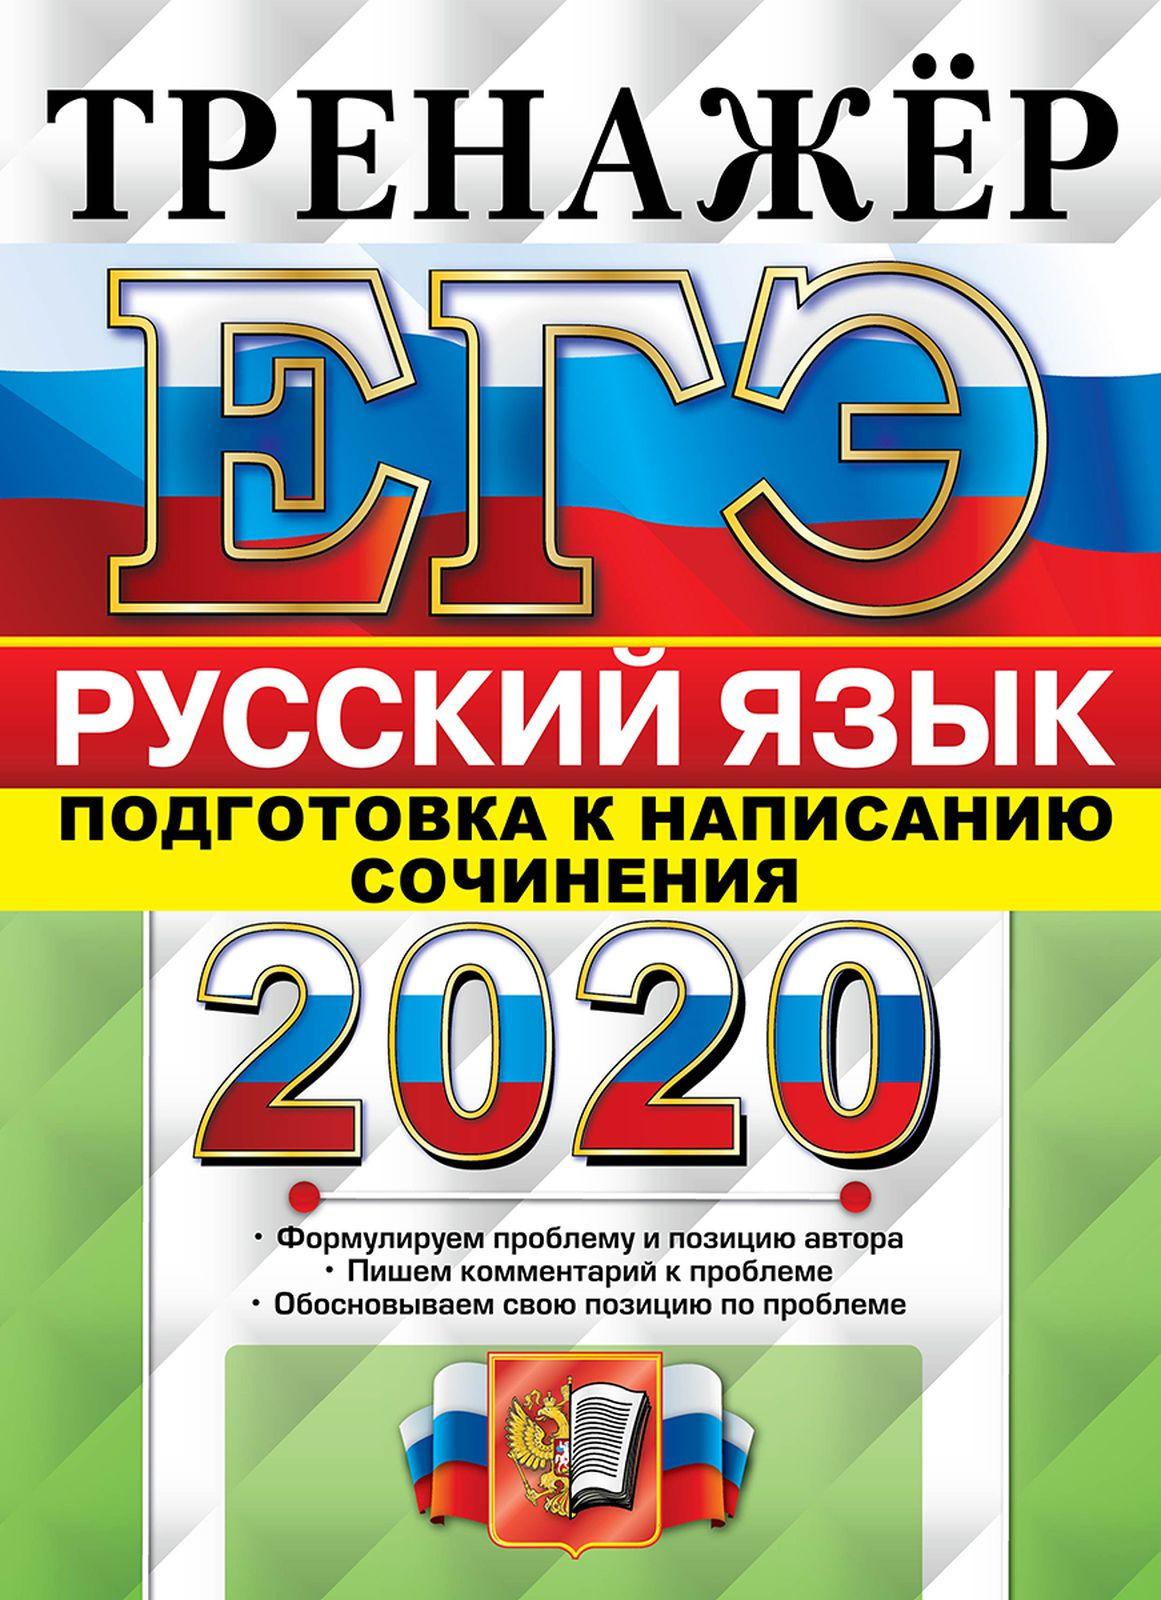 ЕГЭ 2020. Русский язык. Подготовка к написанию сочинения. Тренажёр